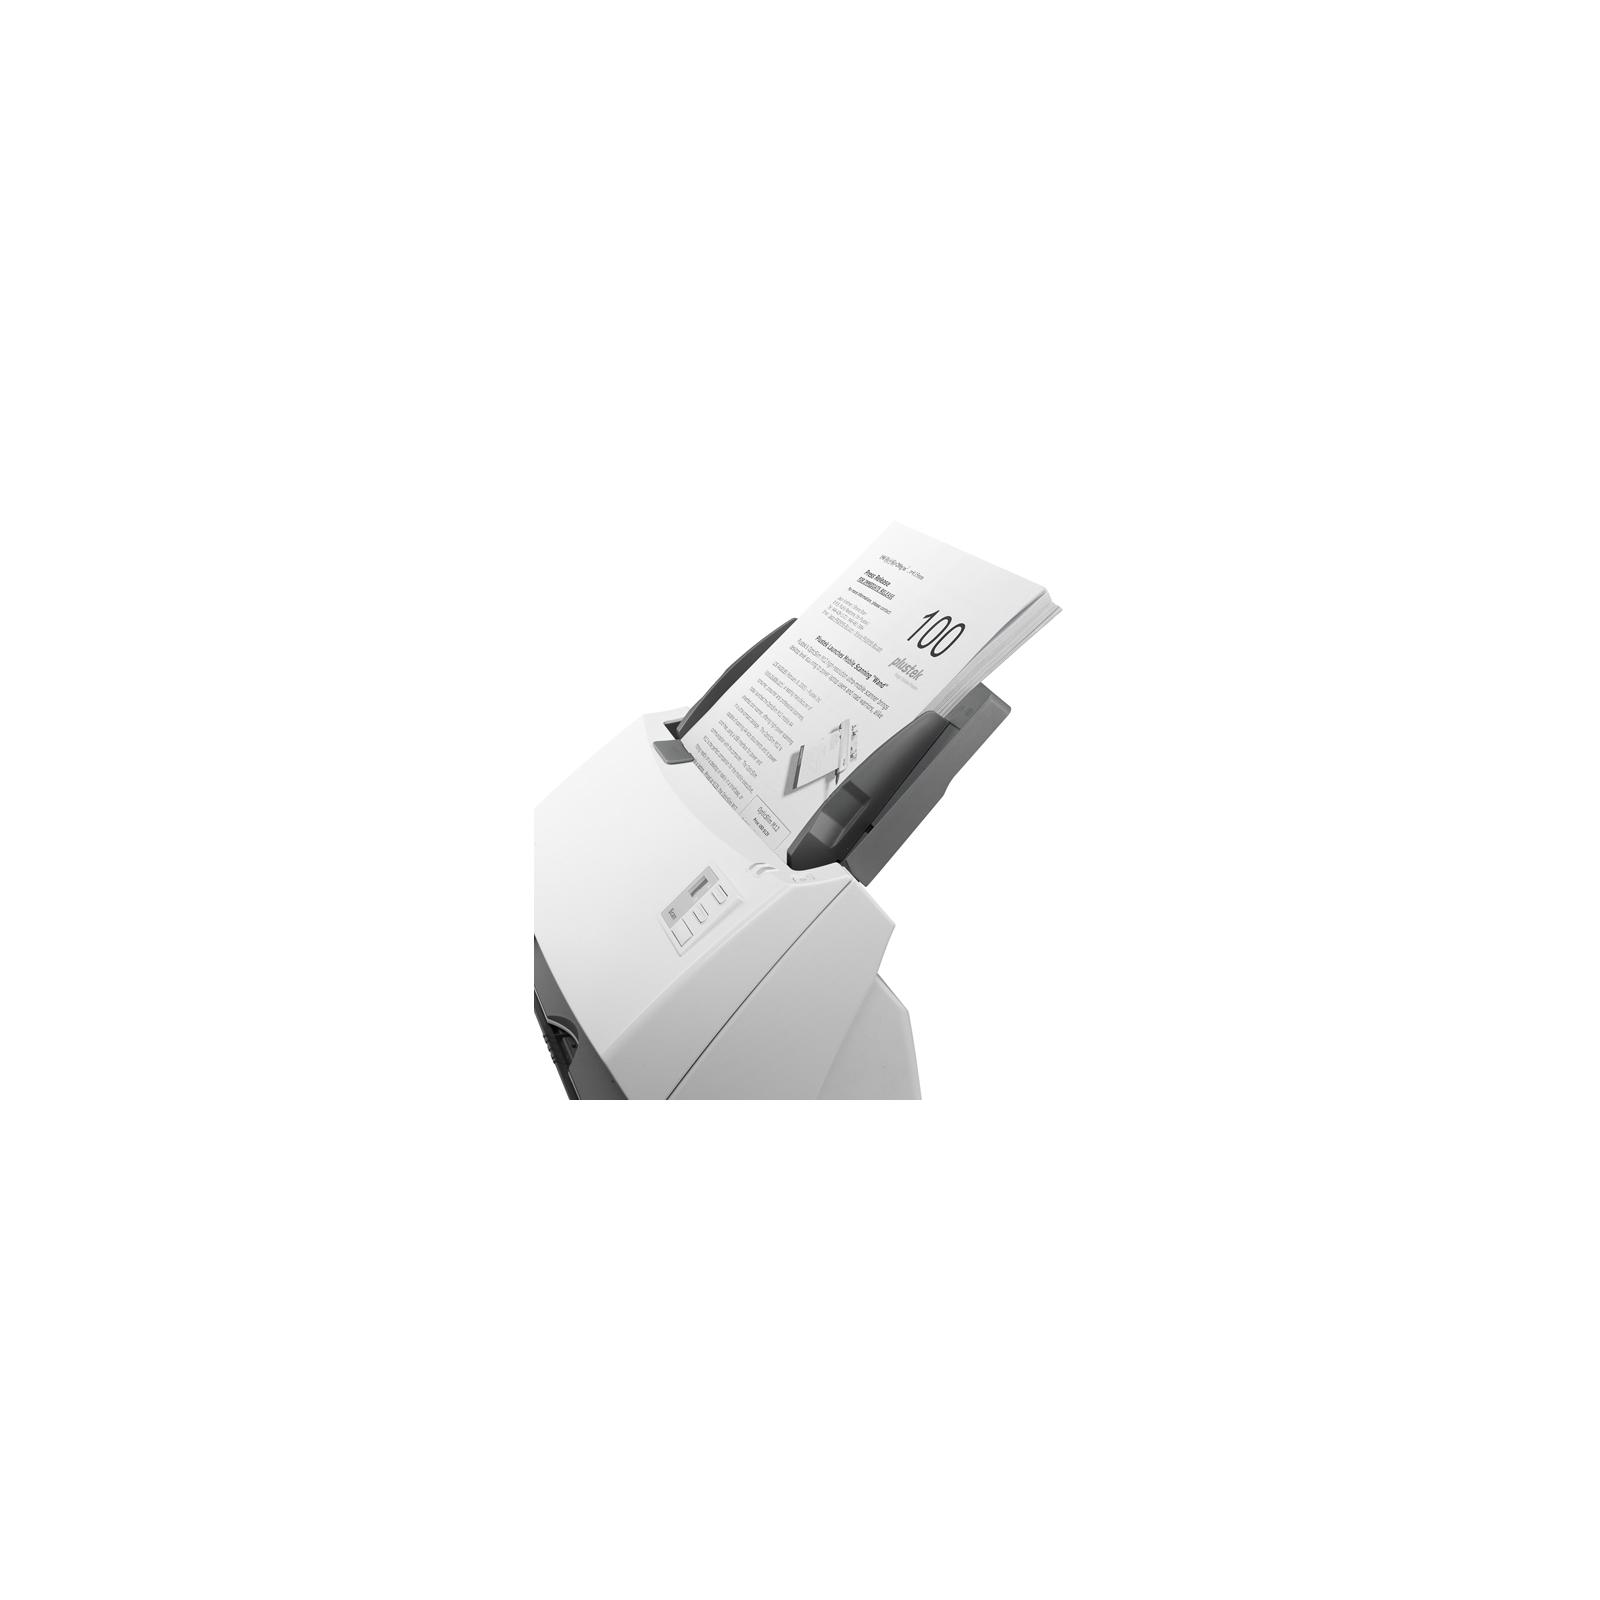 Сканер Plustek SmartOffice PS406U (0194TS) изображение 3